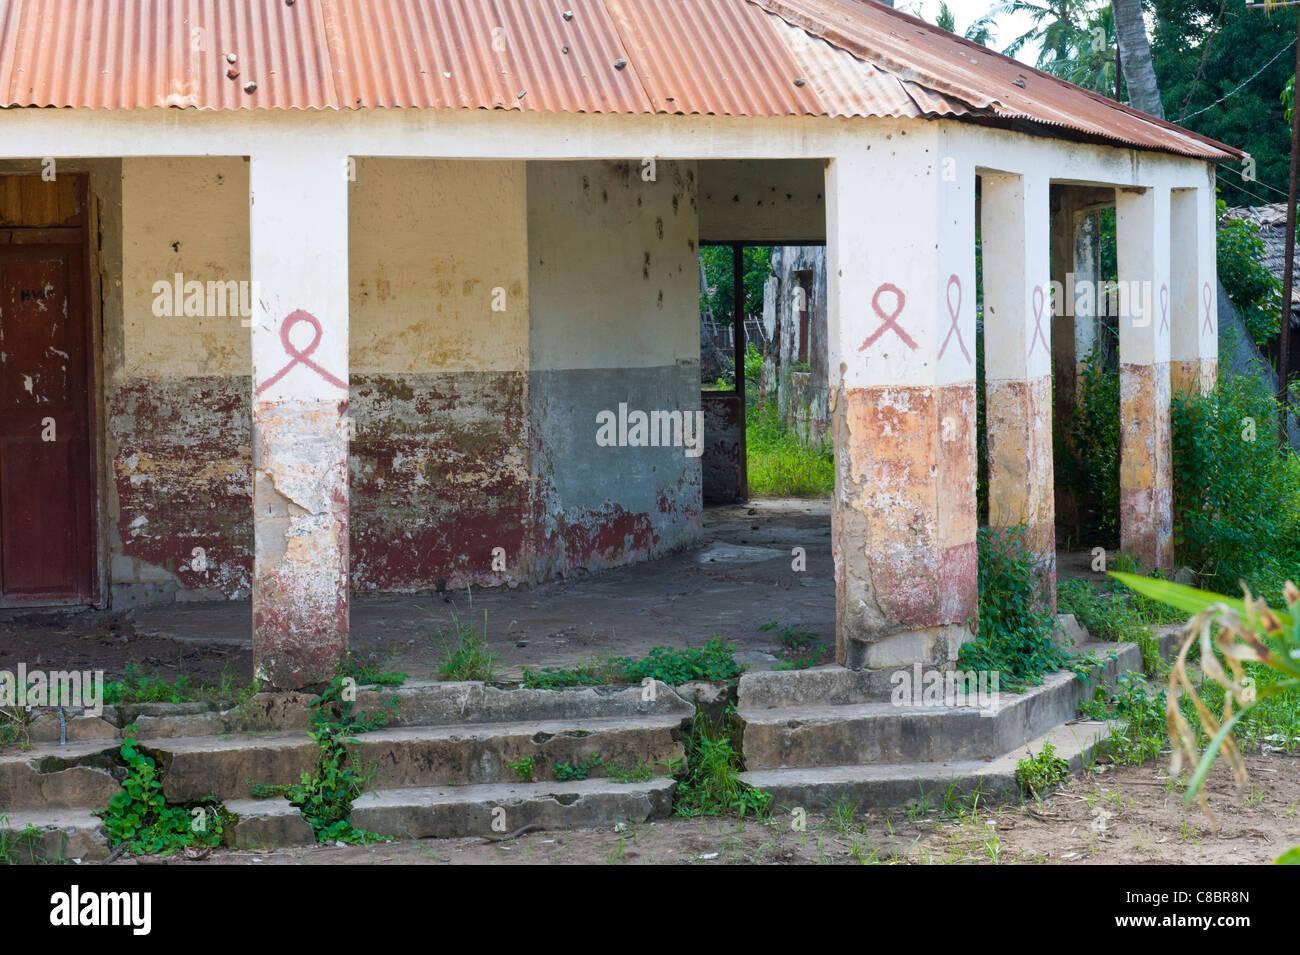 La cinta roja es un símbolo internacional de sensibilización sobre el SIDA en Quelimane, Mozambique Imagen De Stock